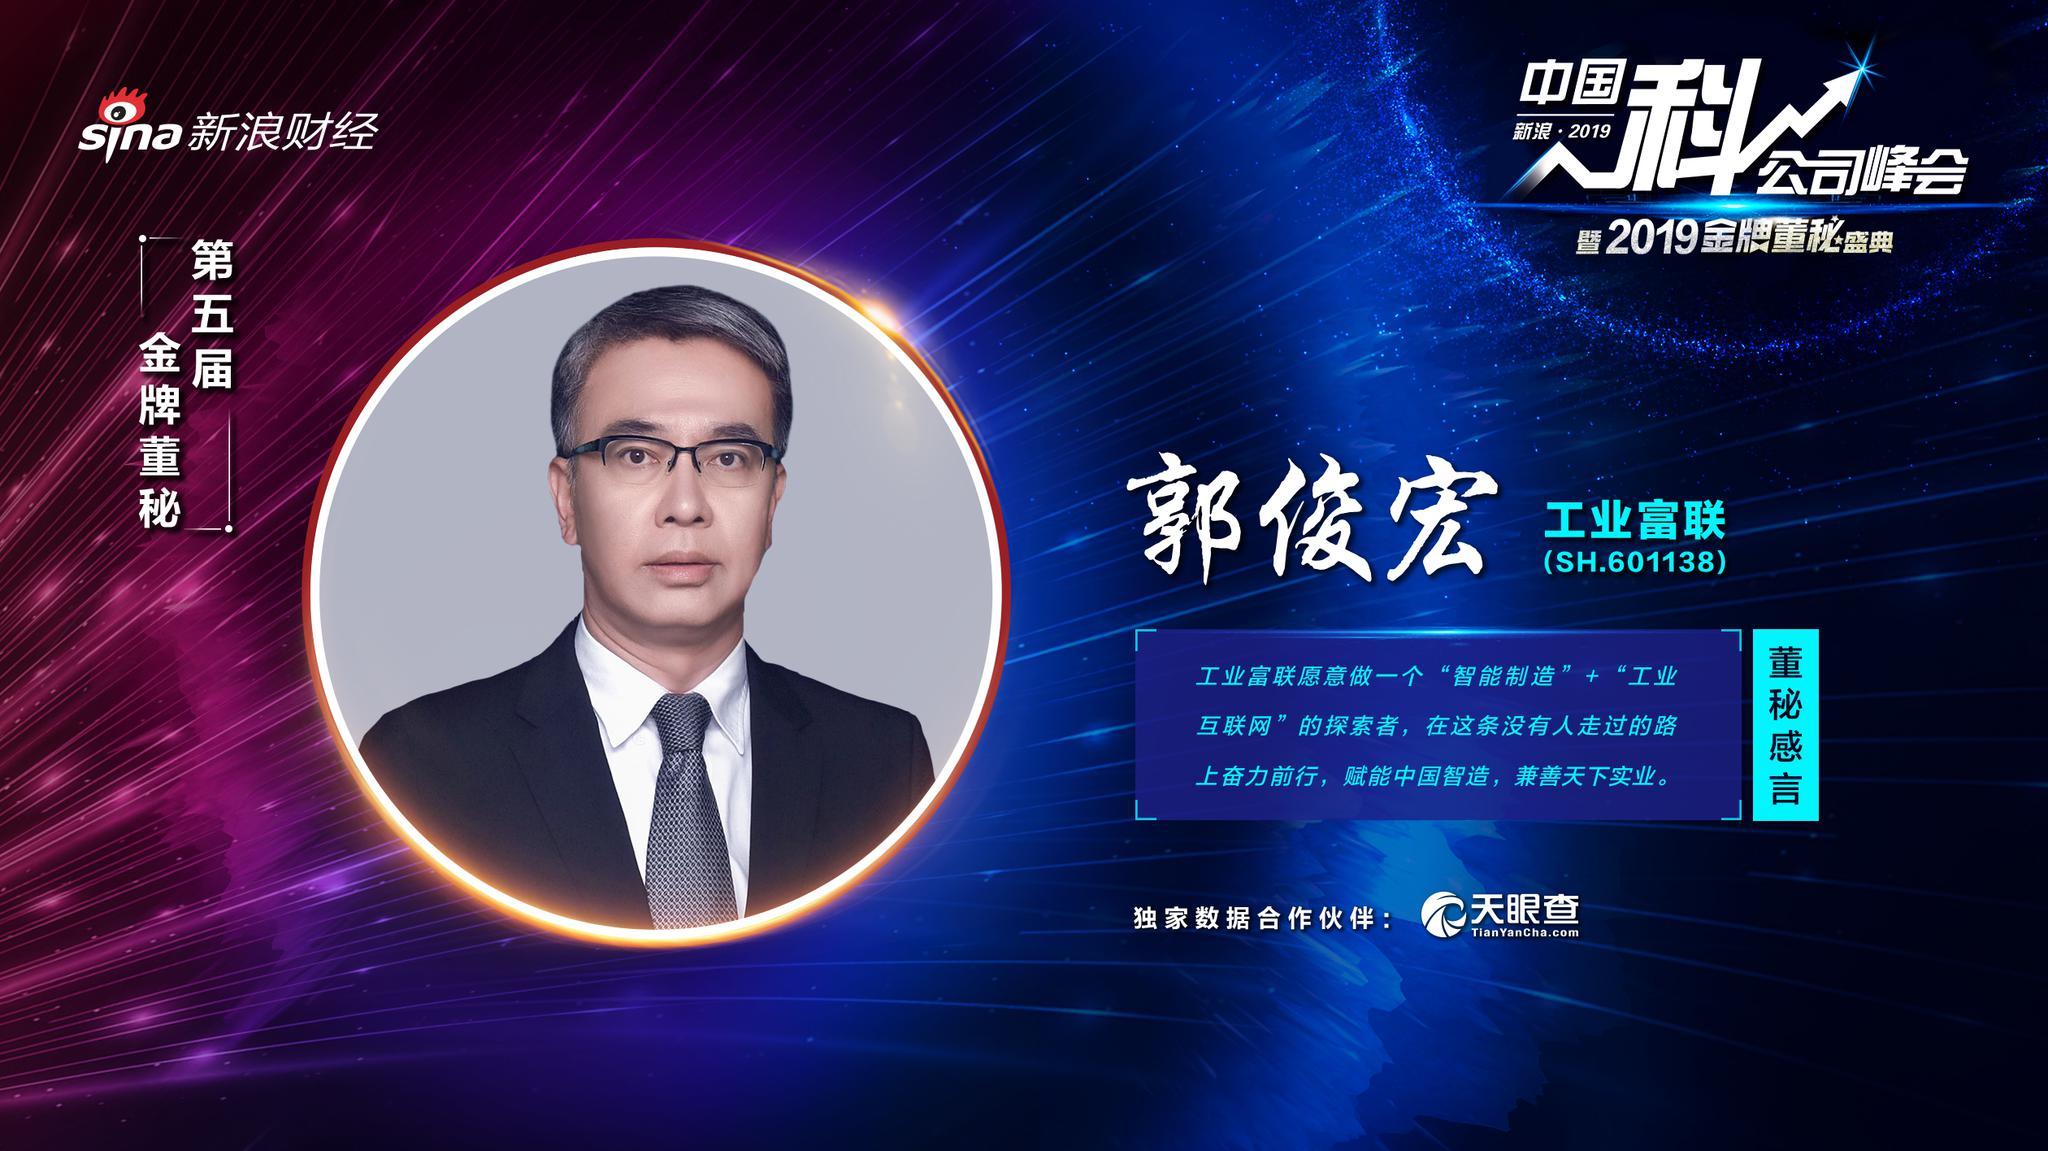 工业富联董秘郭俊宏荣获新浪财经第五届金牌董秘荣誉